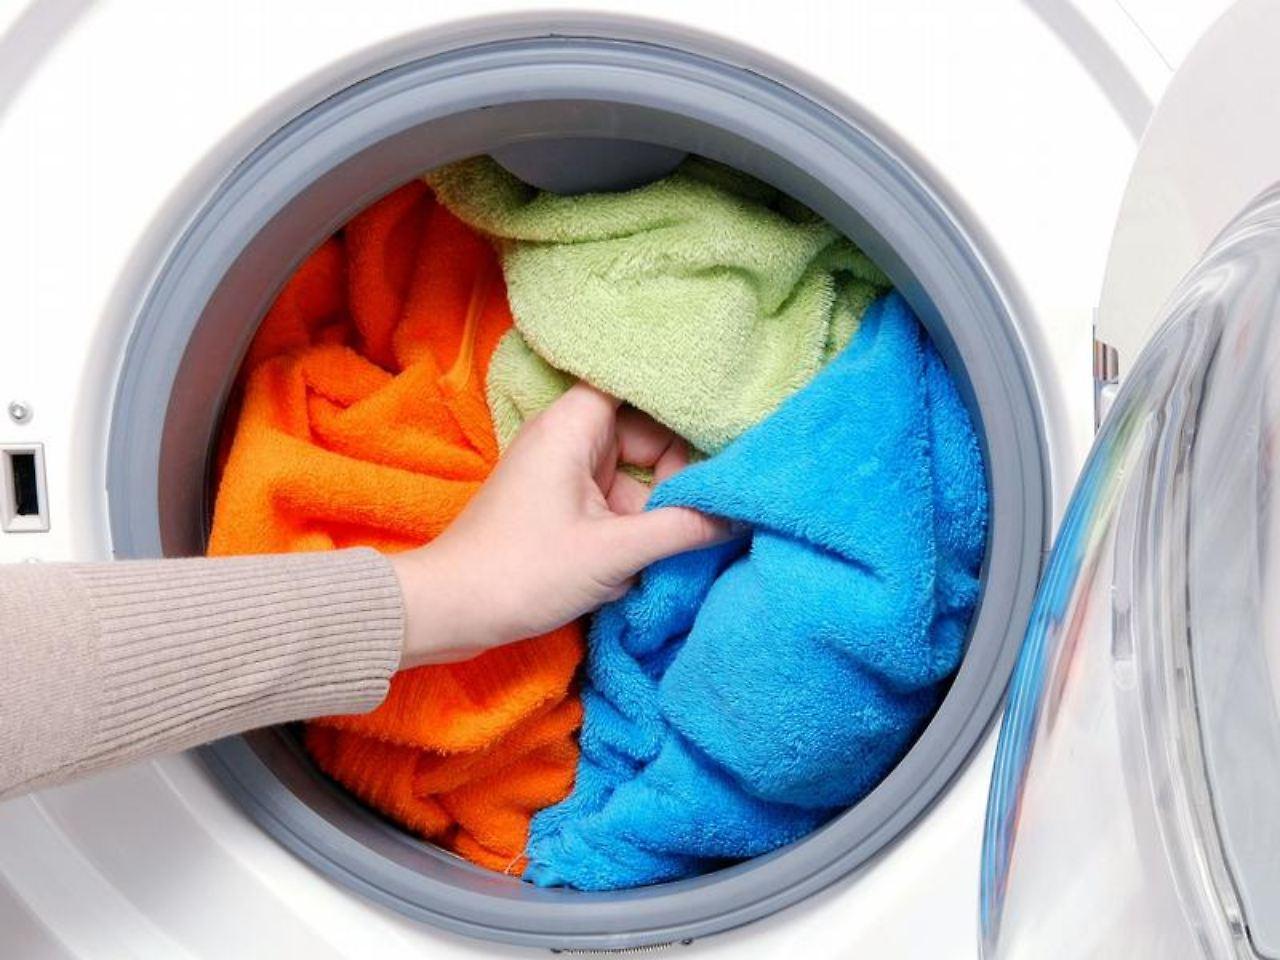 Waschmaschinen im vergleich: nicht nur miele überzeugt n tv.de